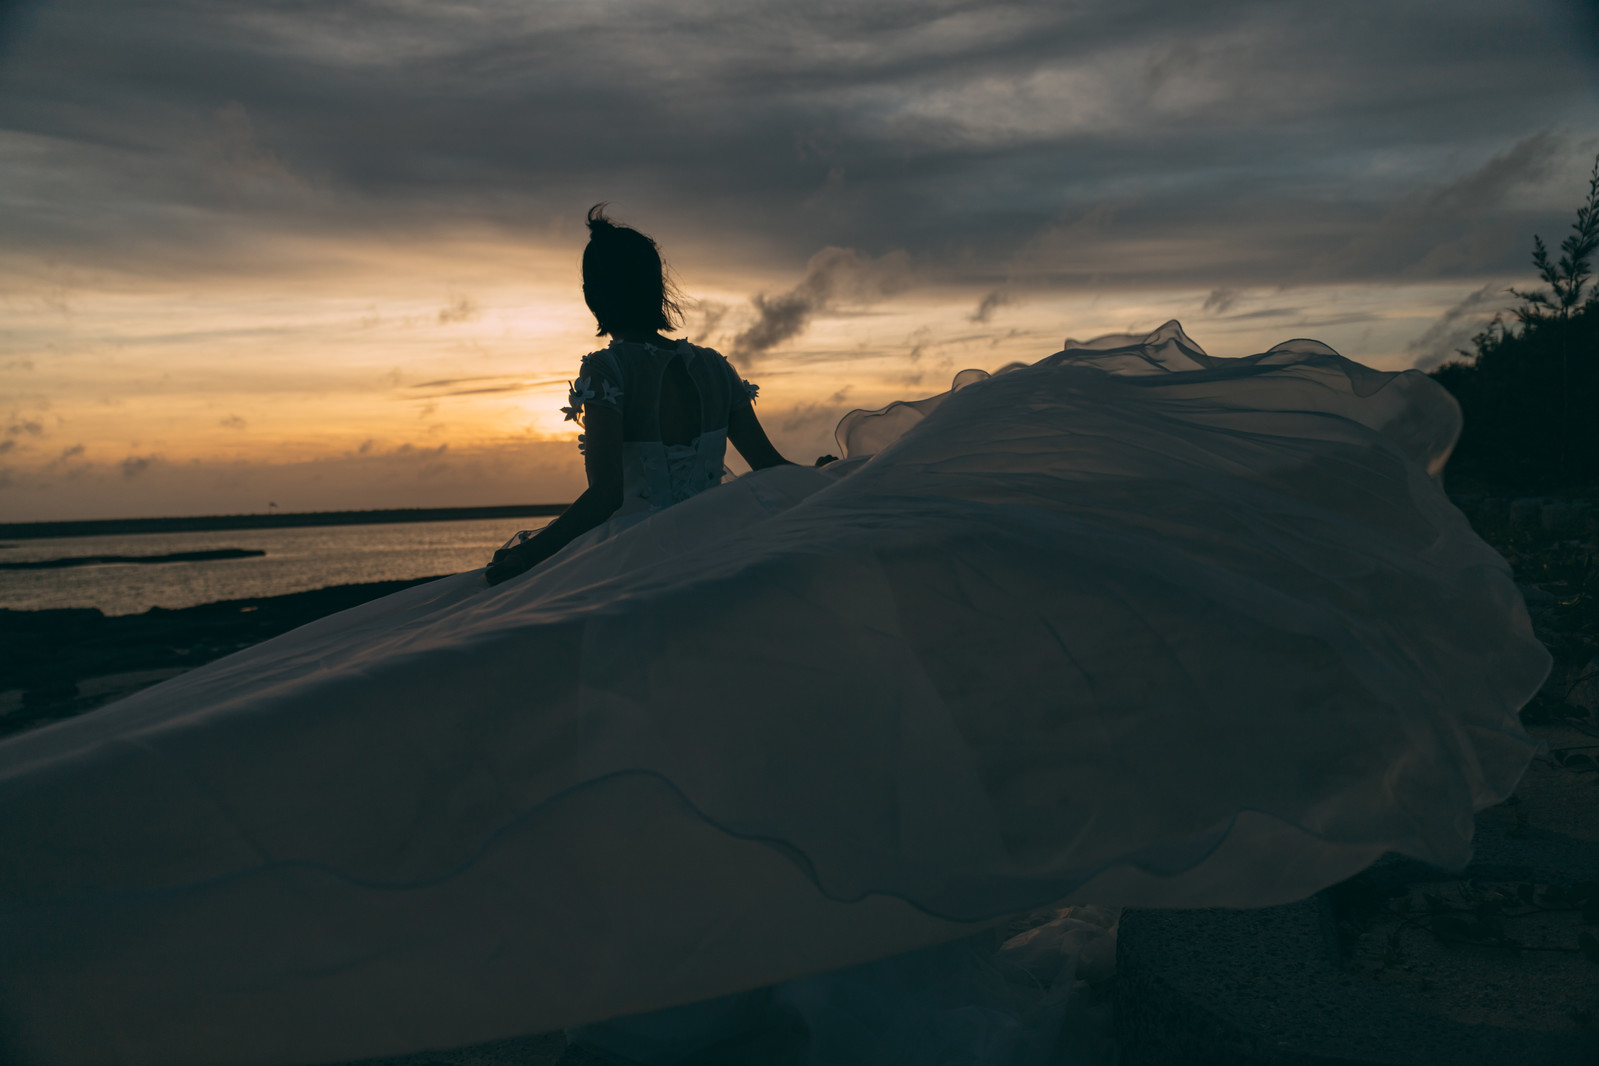 「夕刻の砂浜とウェディングドレスを着た女性」の写真